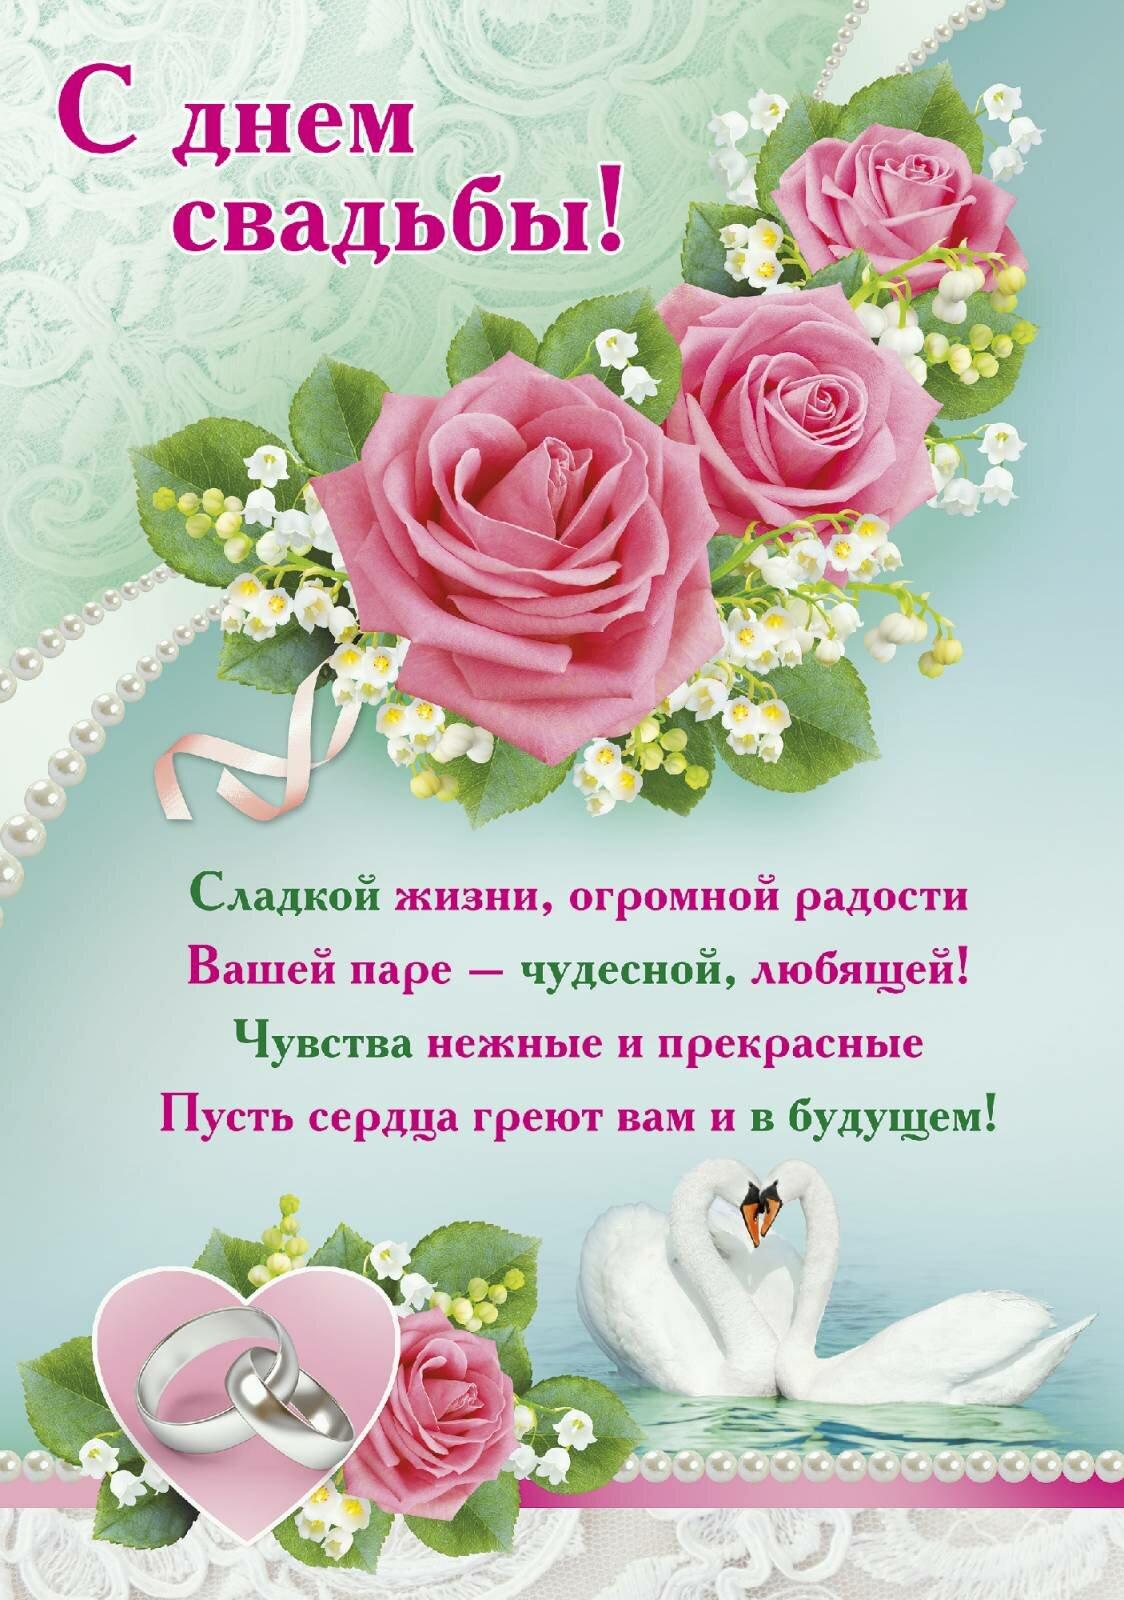 Поздравления с бракосочетанием картинки со стихами, конверт день